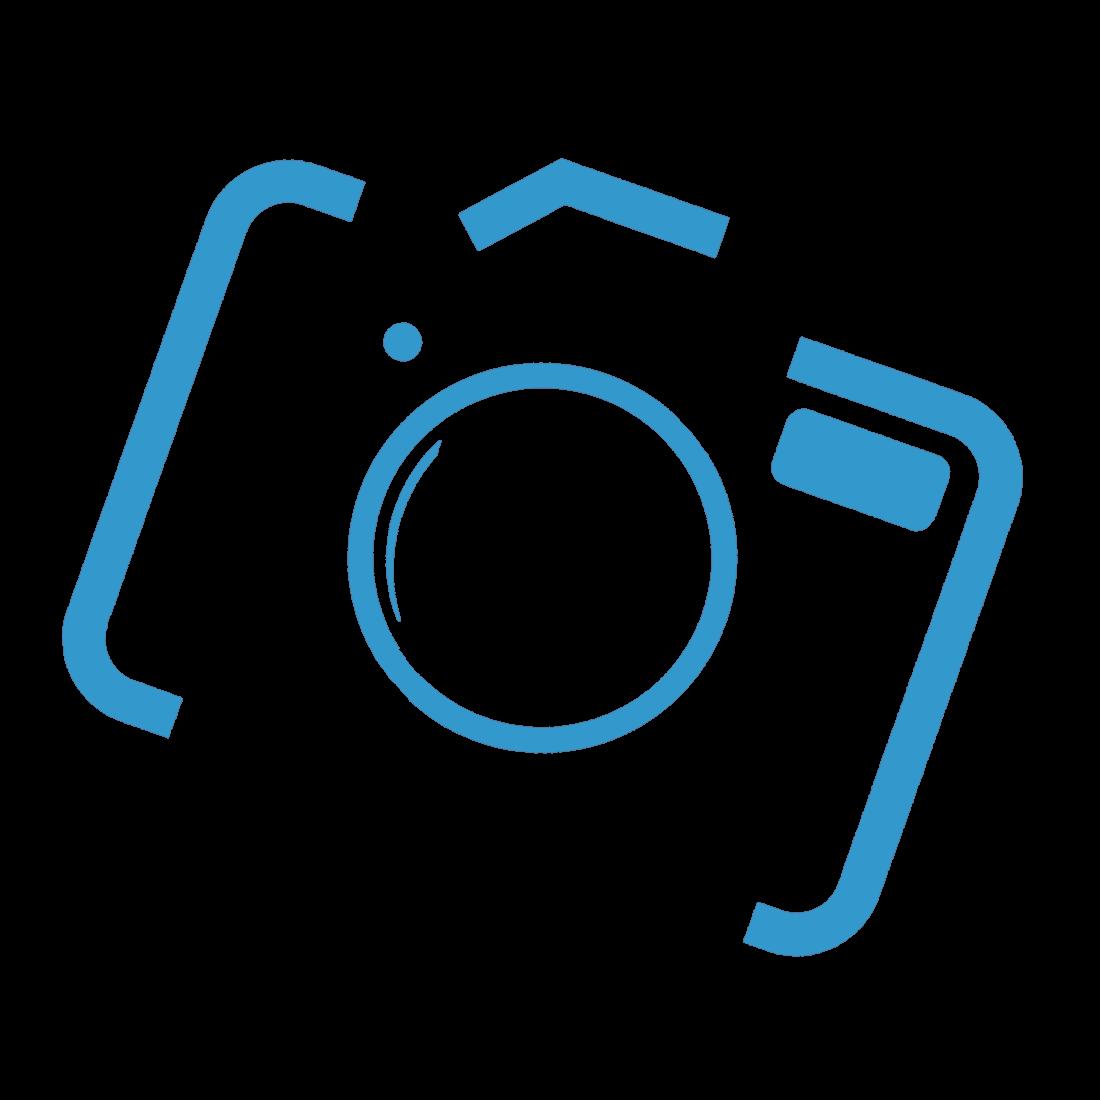 Elektronik Anzeige/Schaltung (10001554)